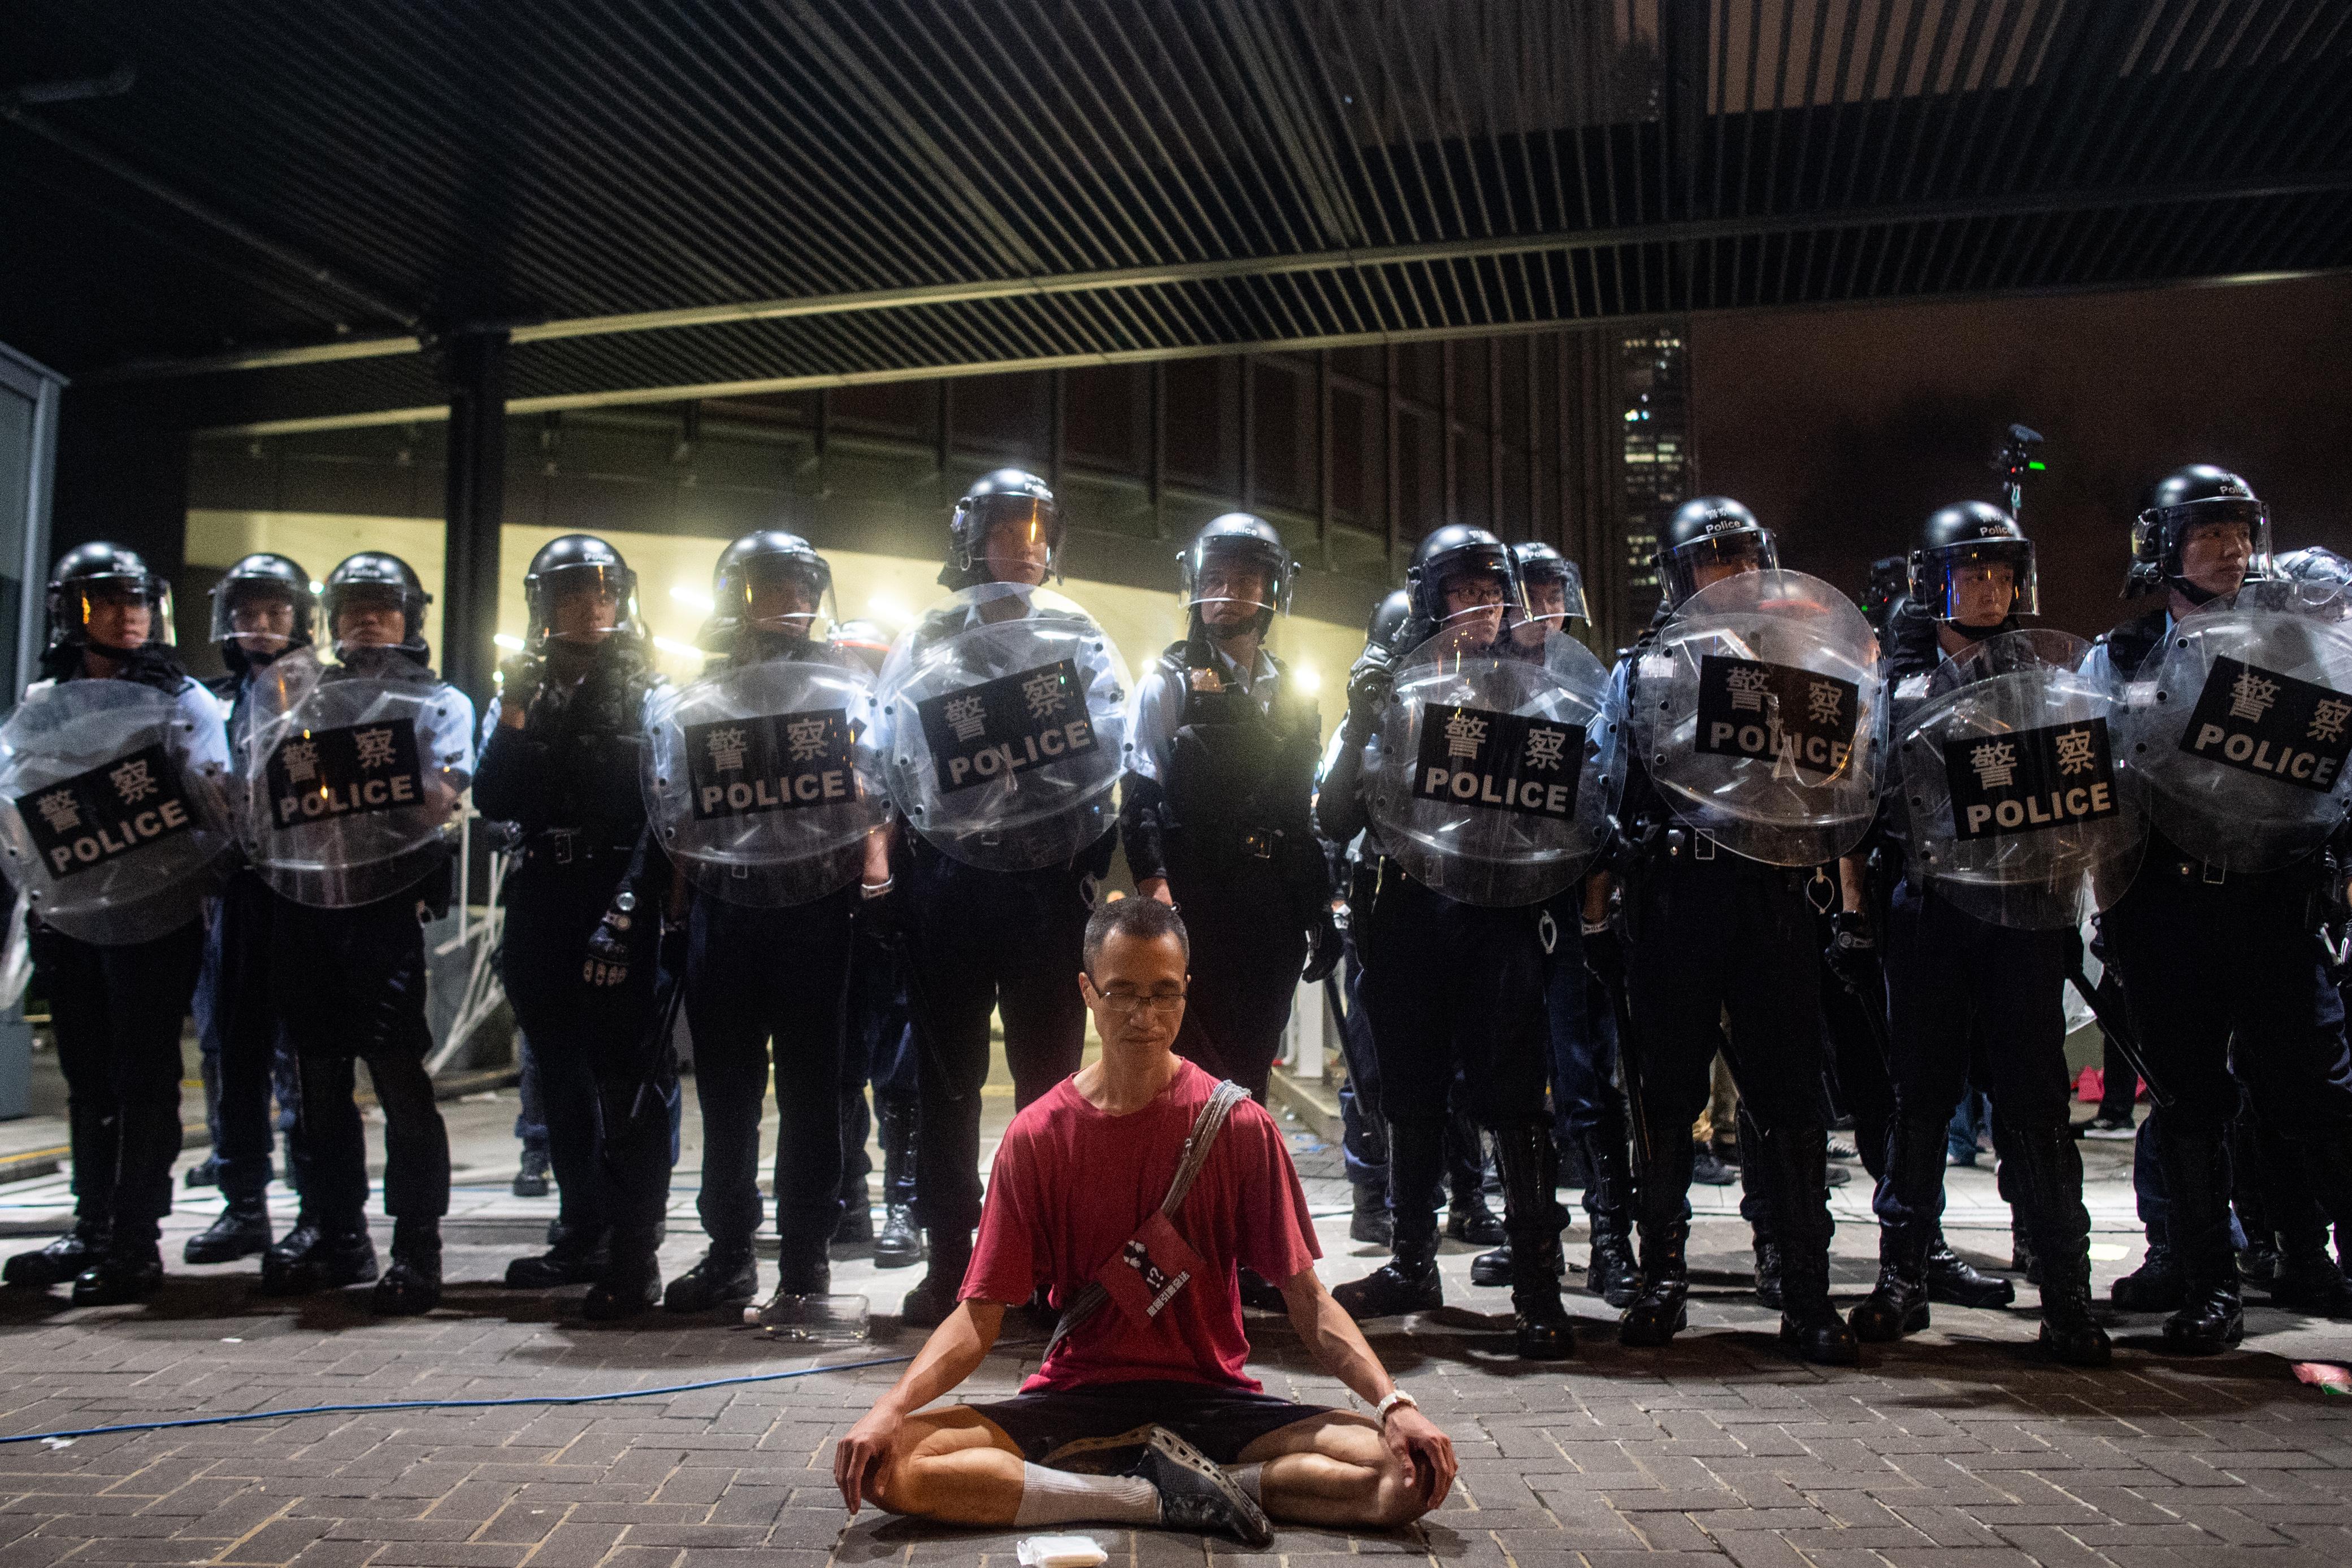 مواطن في هونغ كونغ يحتج بأداء اليوغا أمام قوات الأمن